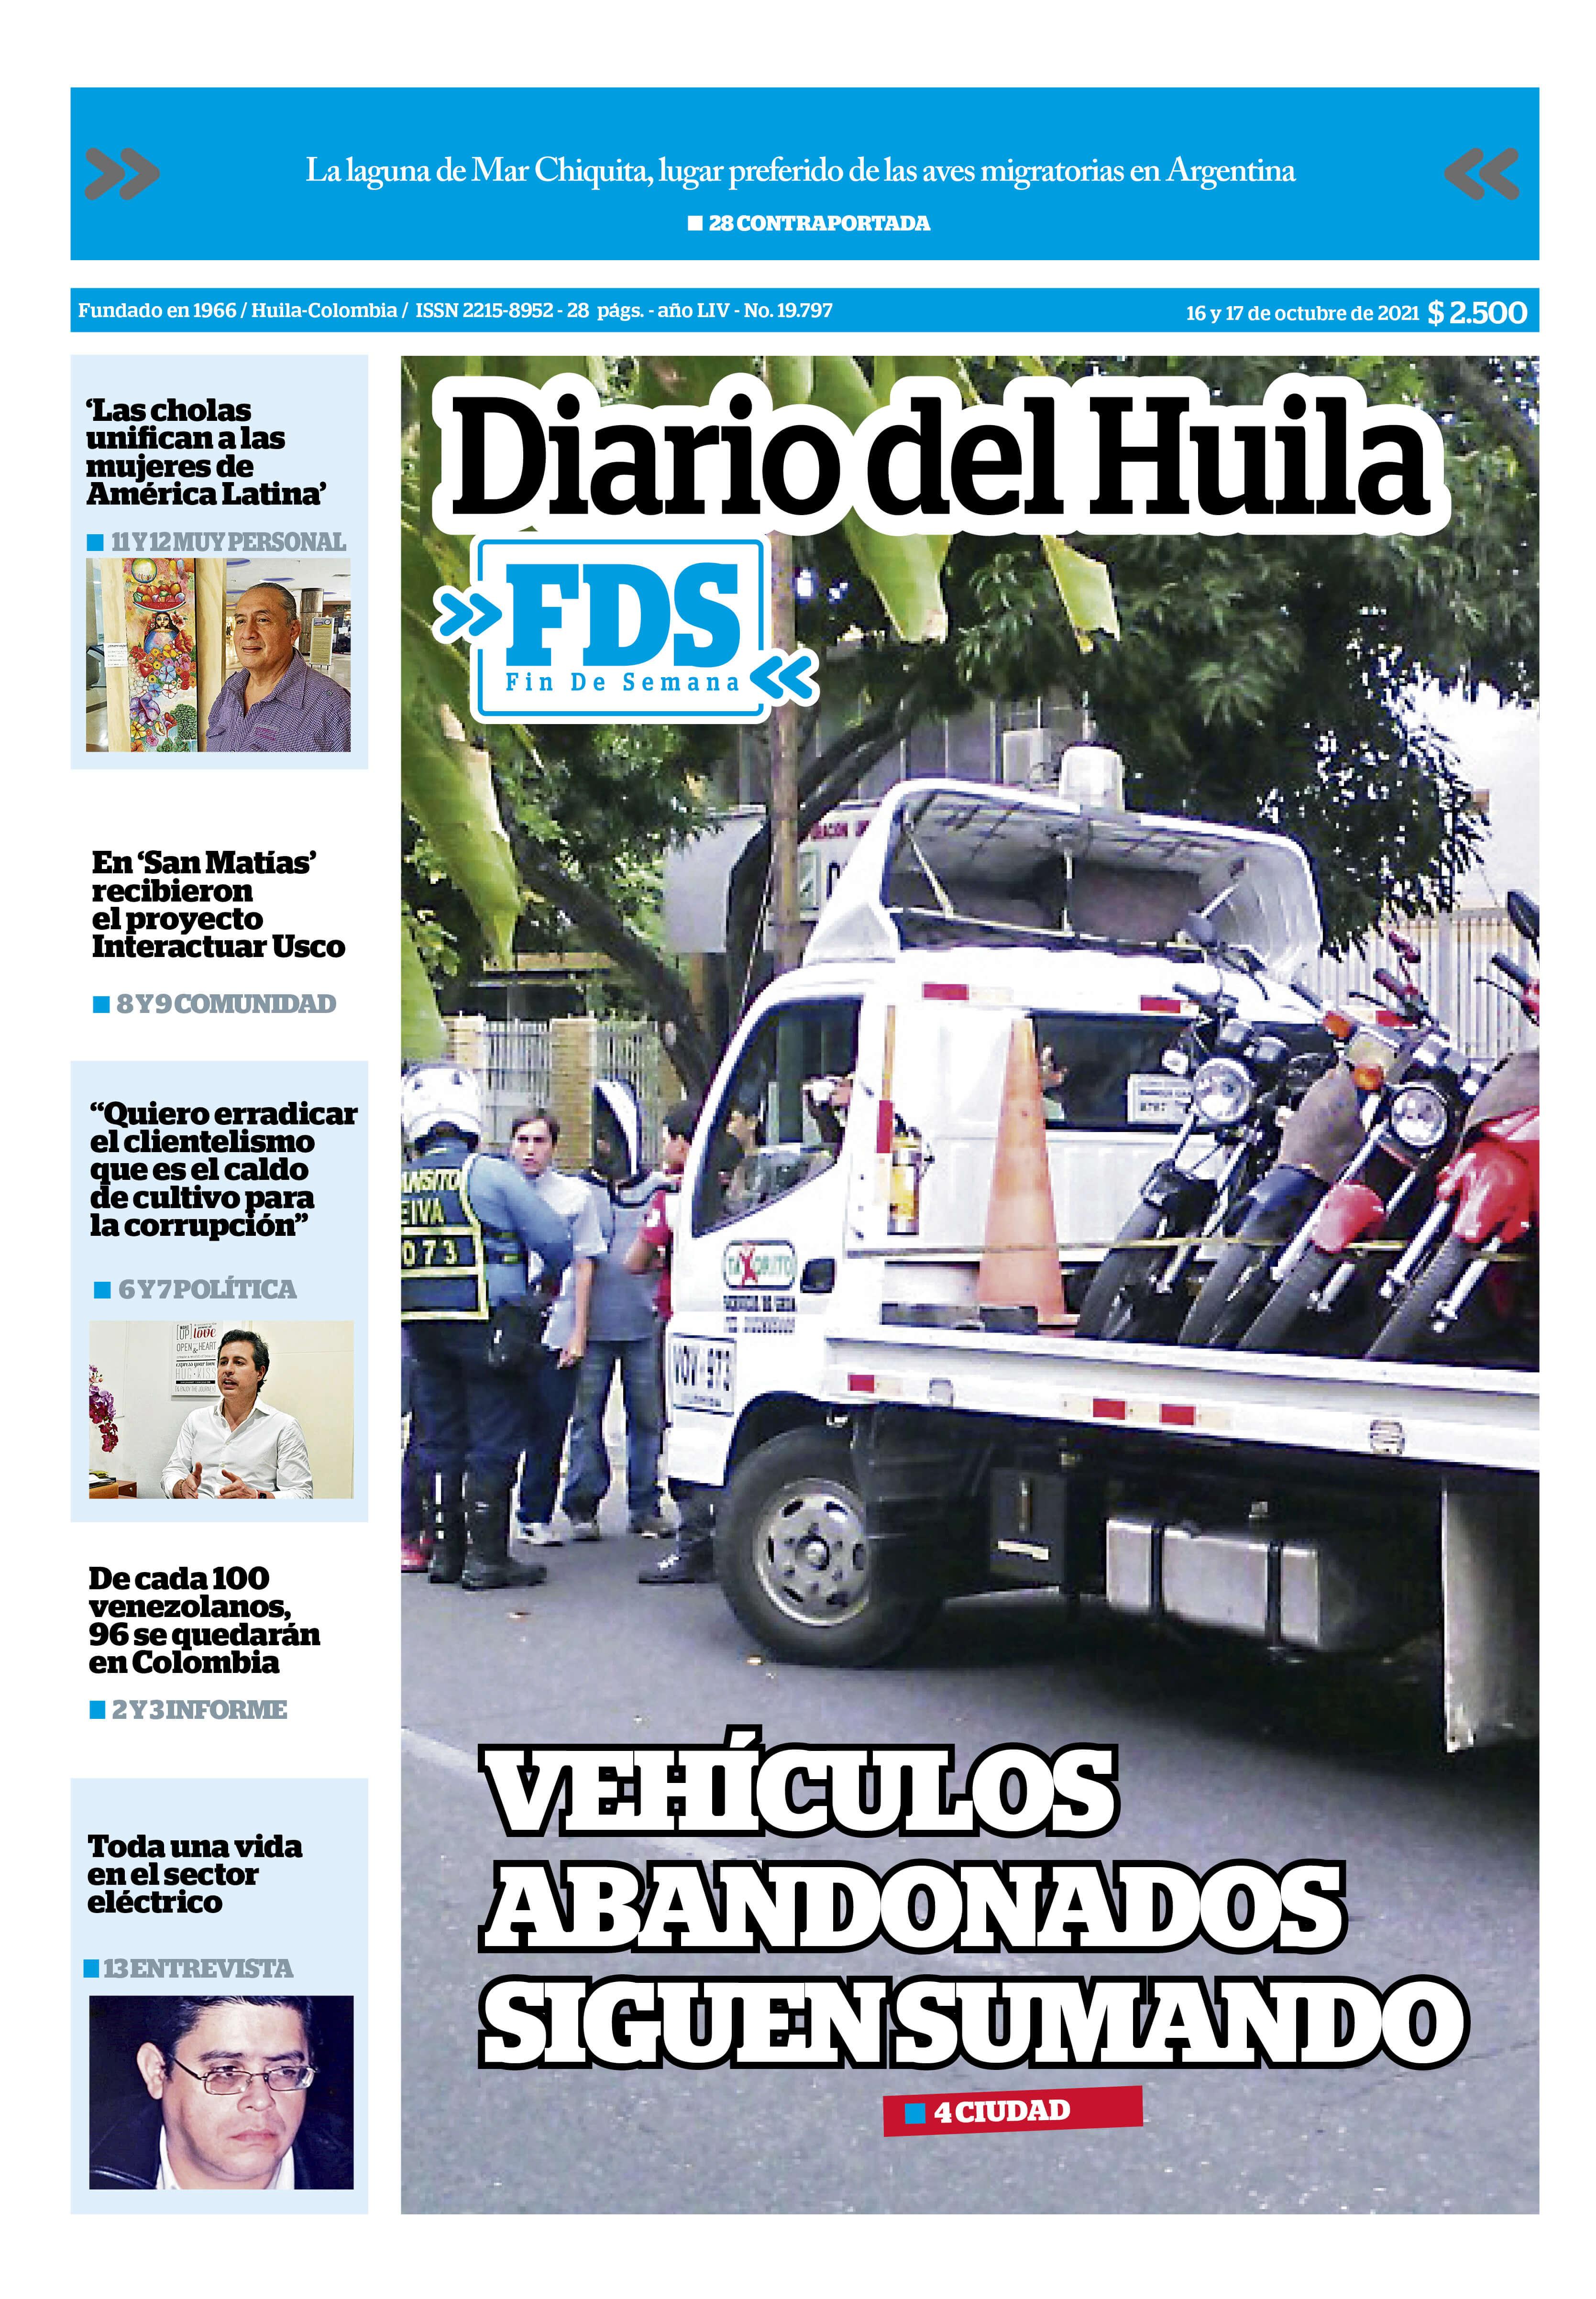 Diario del Huila 16 y 17 de octubre de 2021